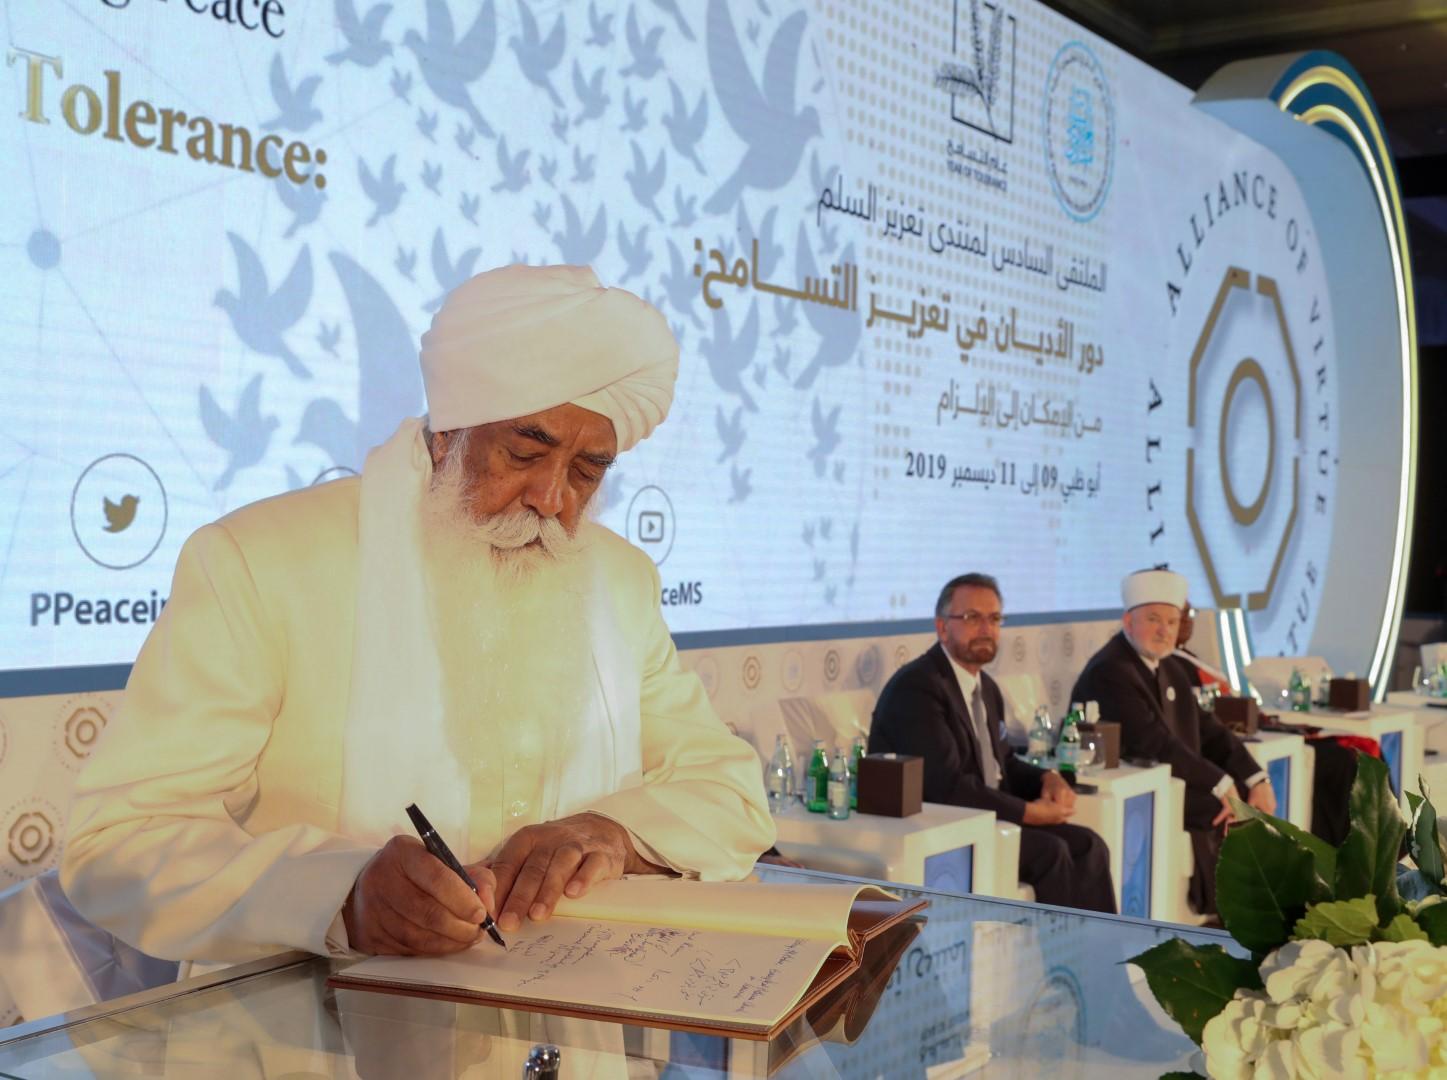 """مسؤولون حكوميون و قادة دينيون يوقعون """" ميثاق حلف الفضول الجديد """" في أبوظبي"""